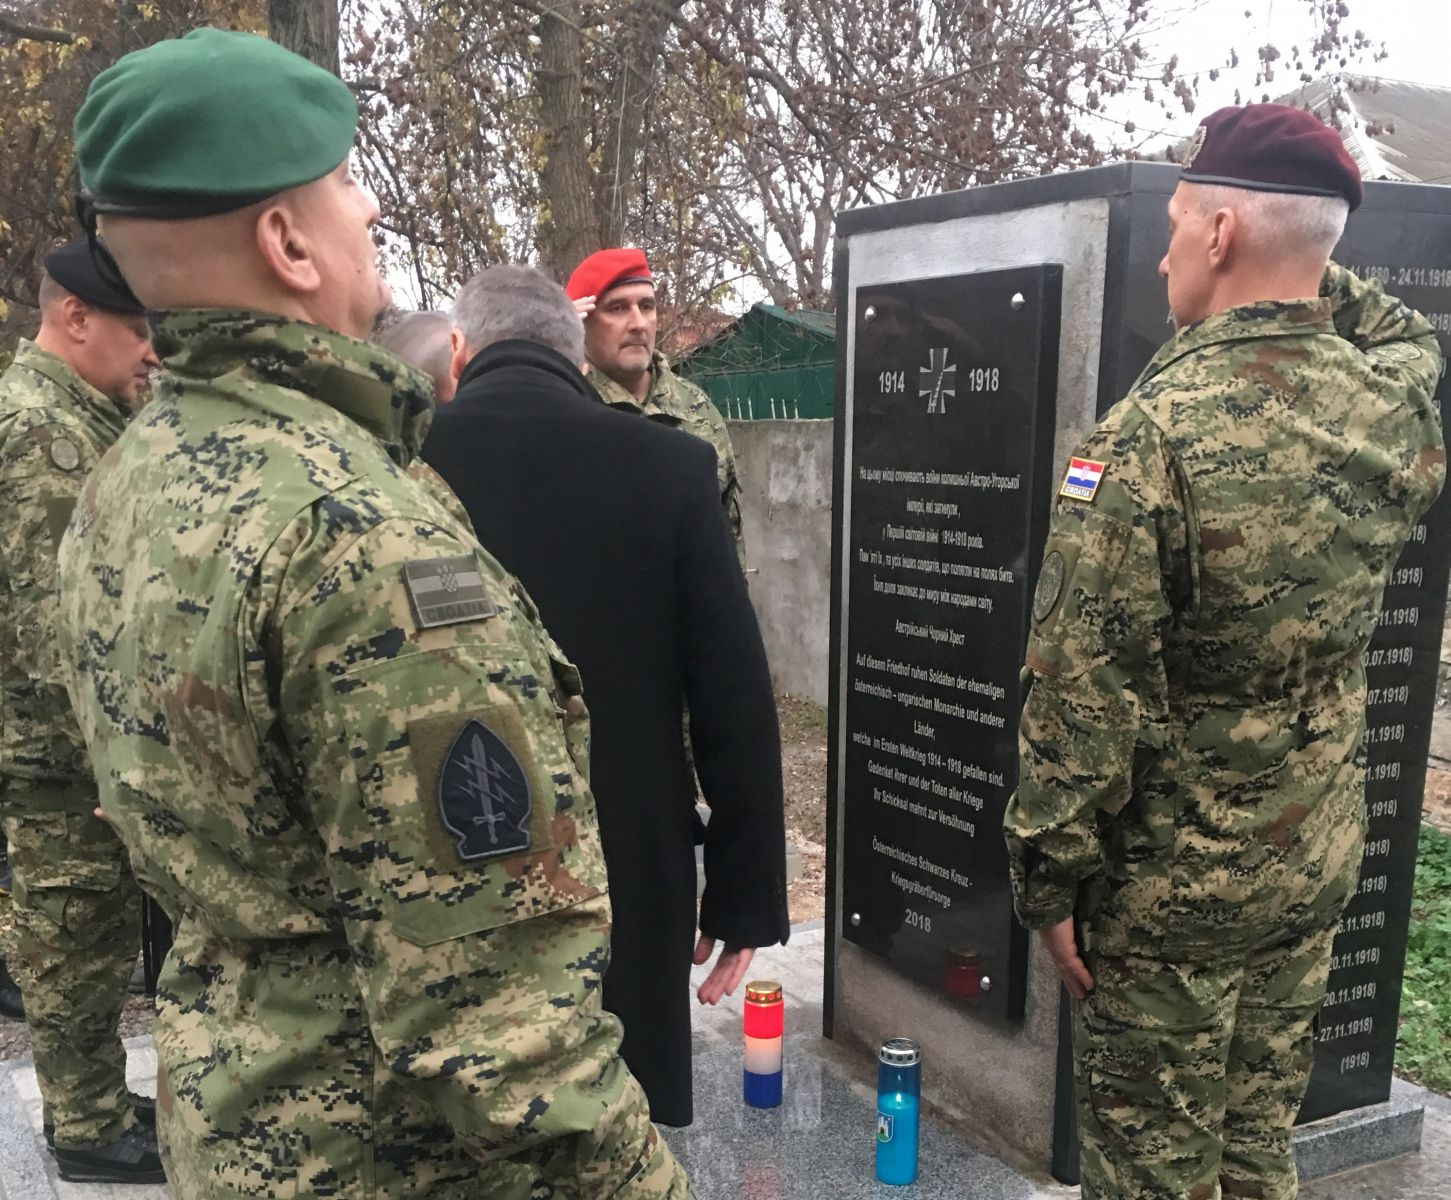 Історії повернуті імена хорватських солдат, полеглих у Великій війні. До візиту делегації Республіки Хорватія в Одесу